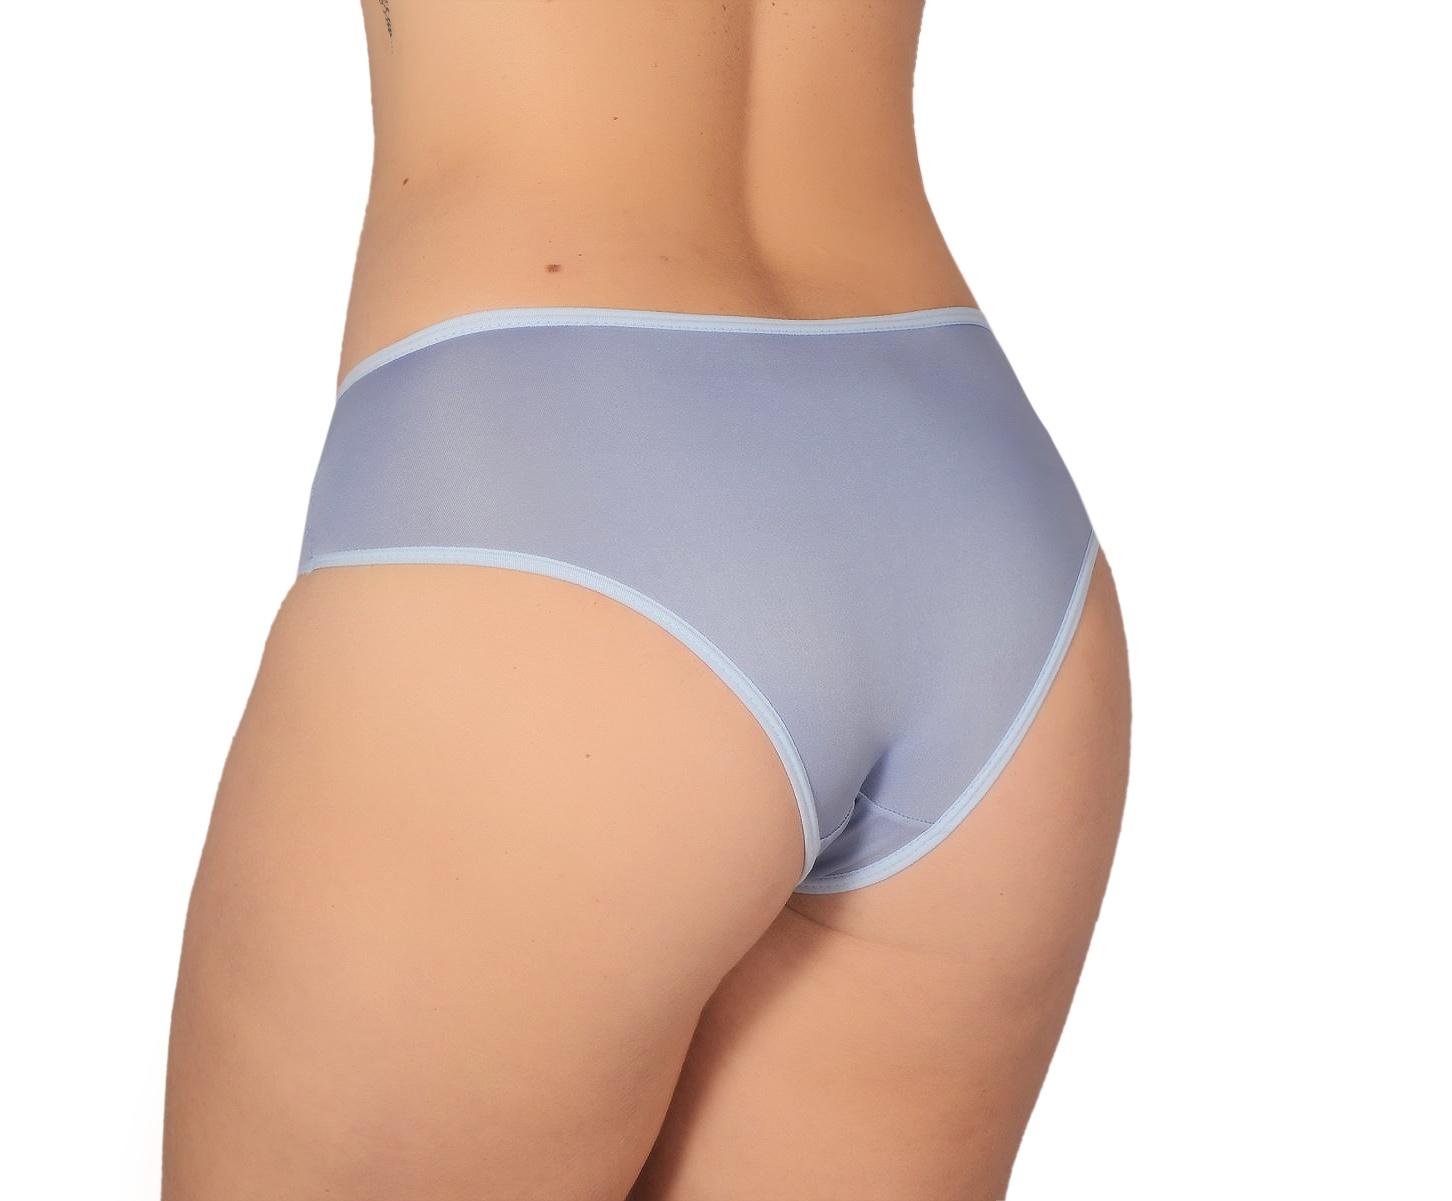 Calcinha sexy Em Renda E Romantic Simone lingerie no atacado com preço de fabrica  - Fribasex - Fabricasex.com